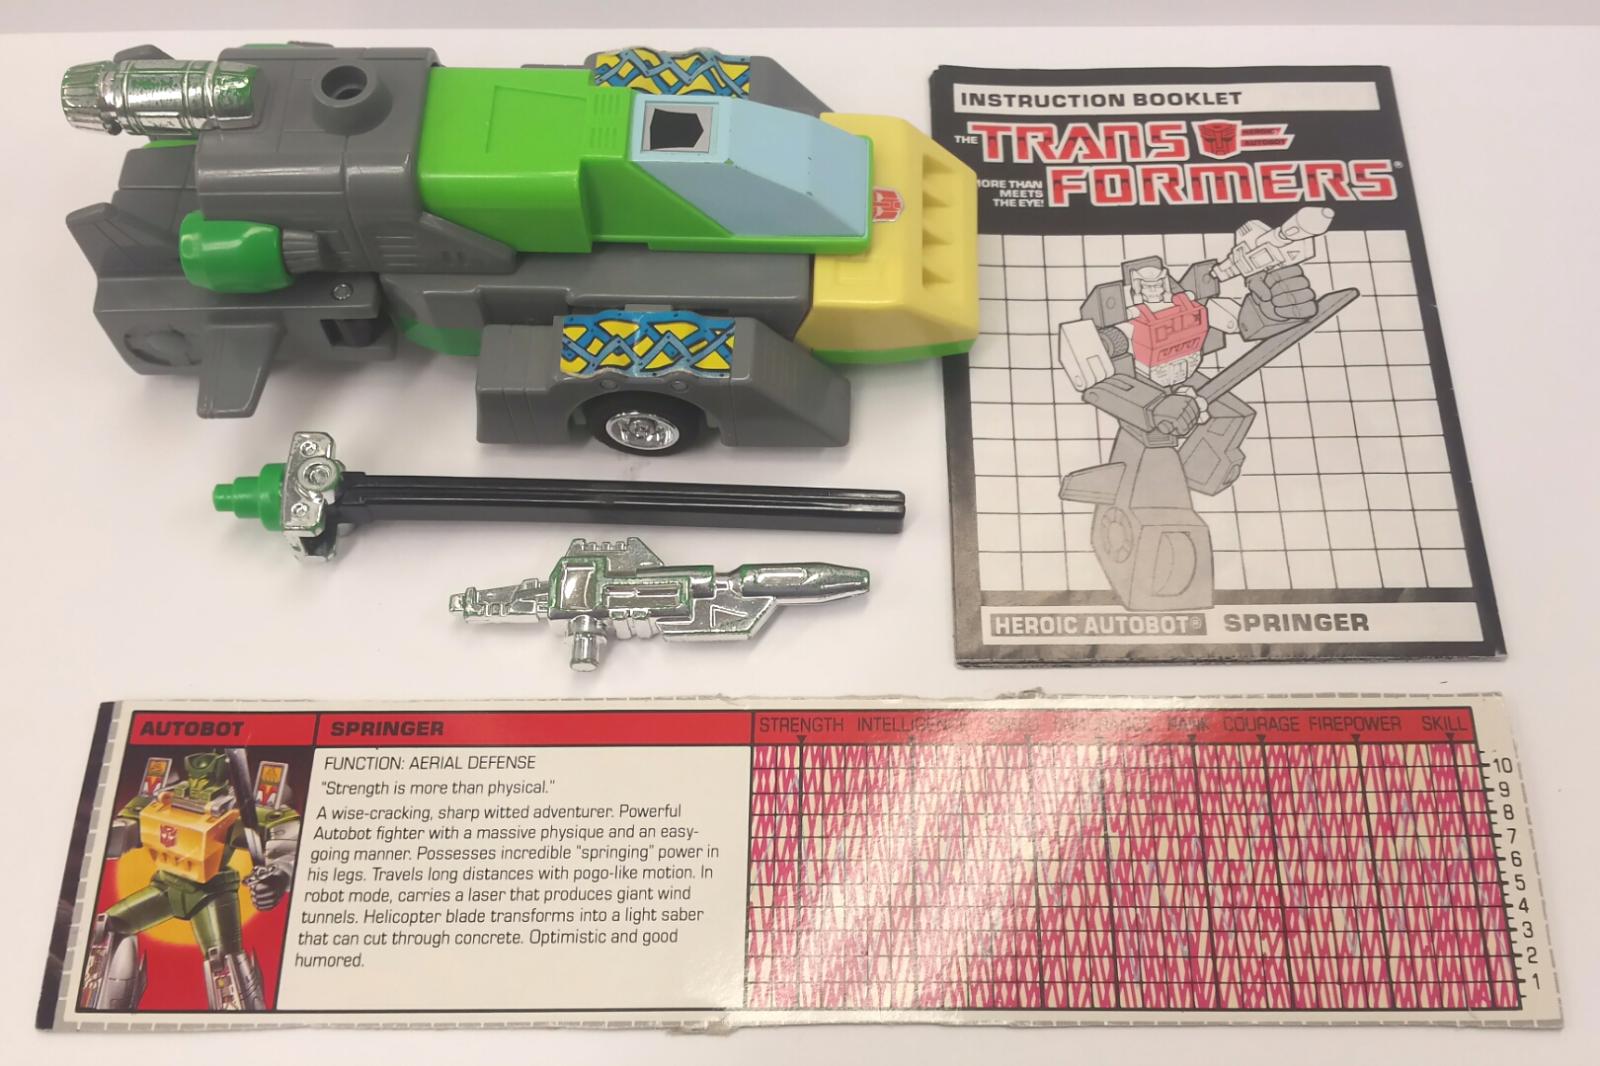 SPbagueER avec plastique  poitrine, 1986 G1 Transformers; complet avec Tech Spec & Charger  venez choisir votre propre style sportif